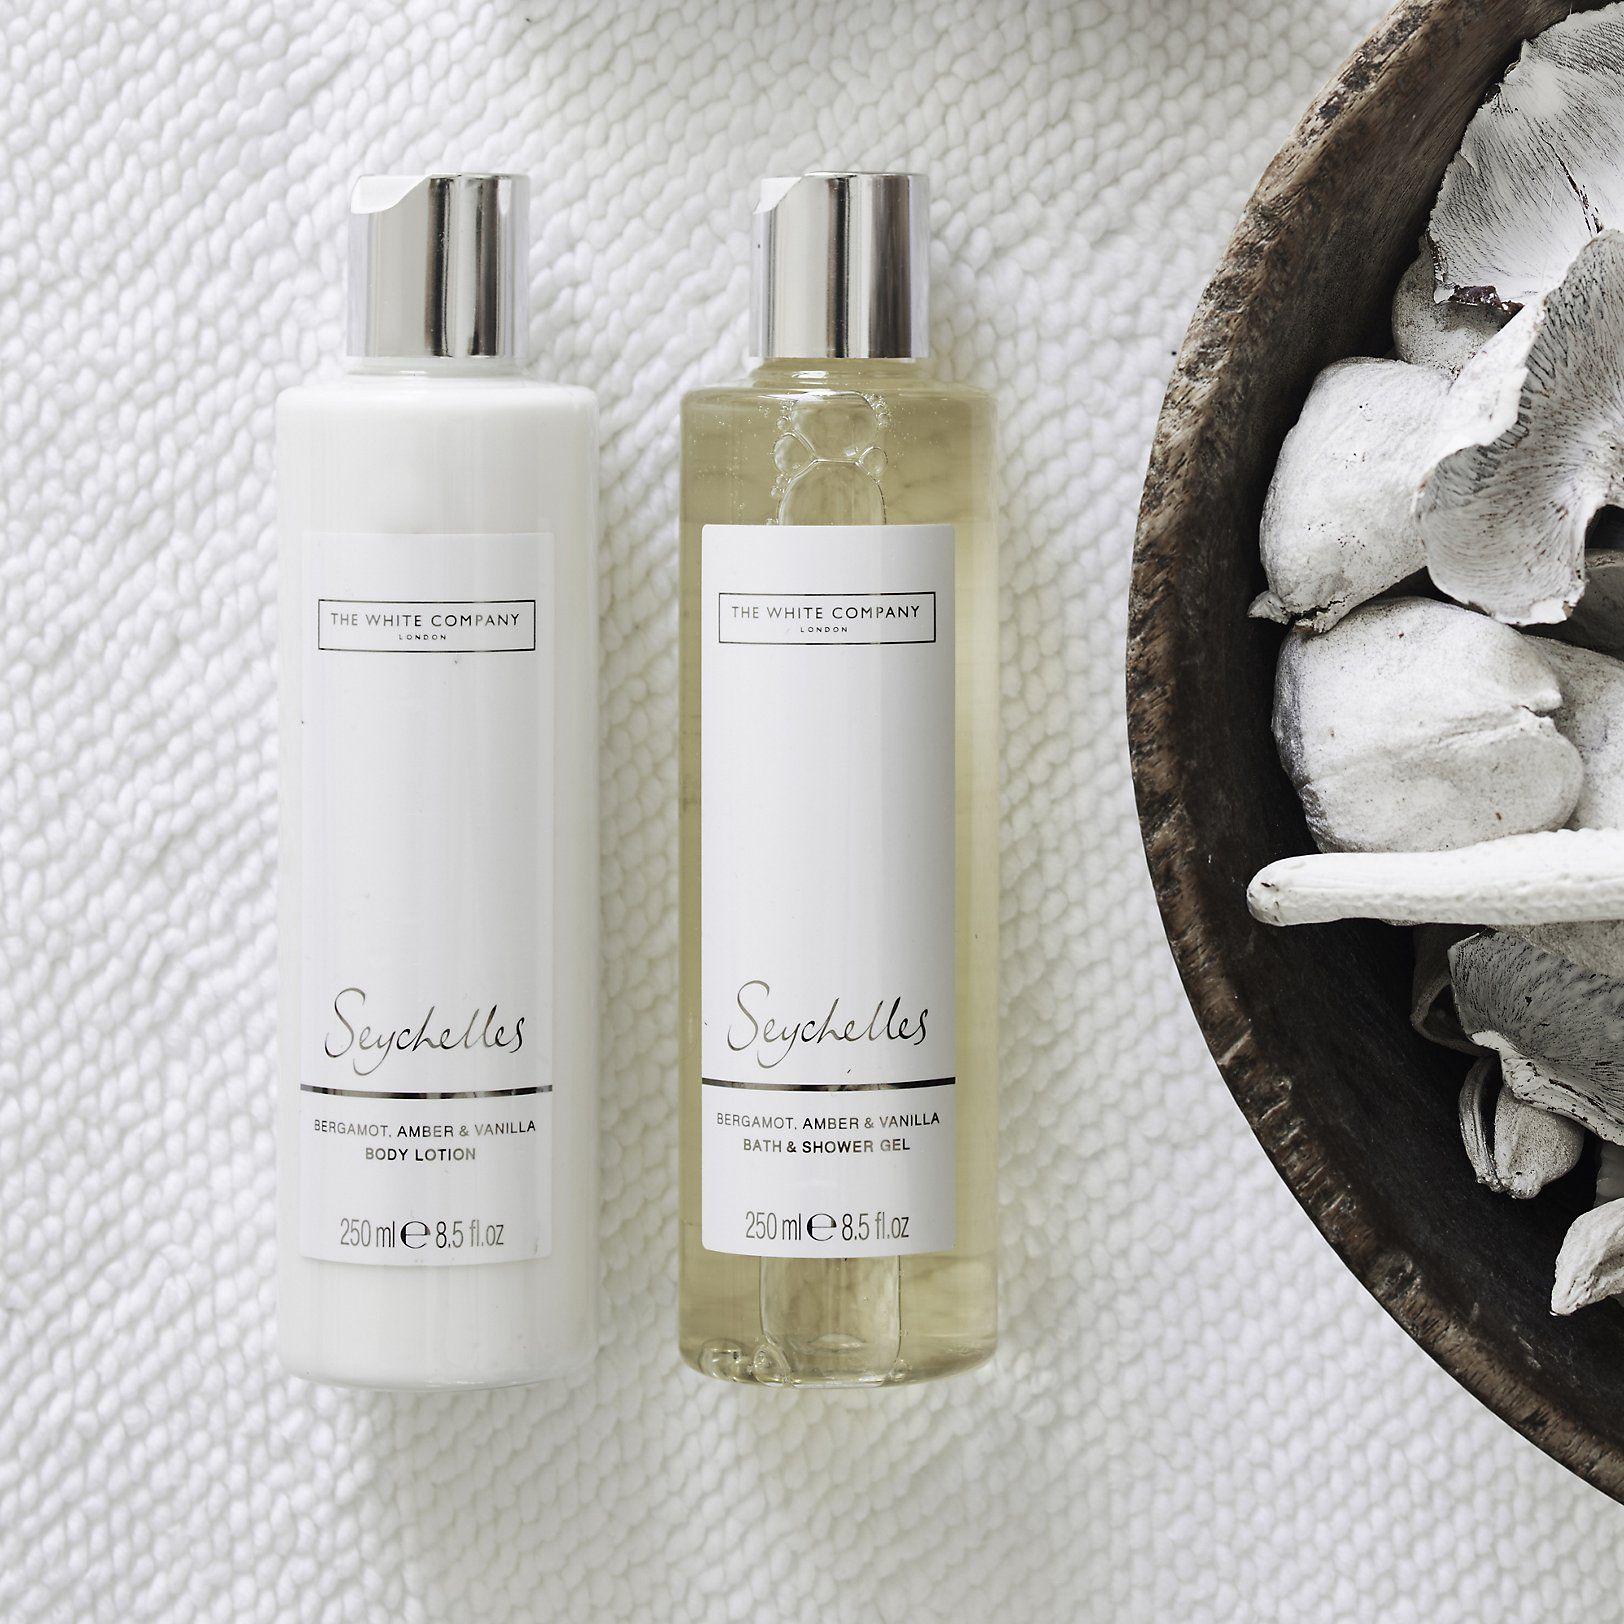 Seychelles Bath & Body Gift Set | shawer gel | Bath & body